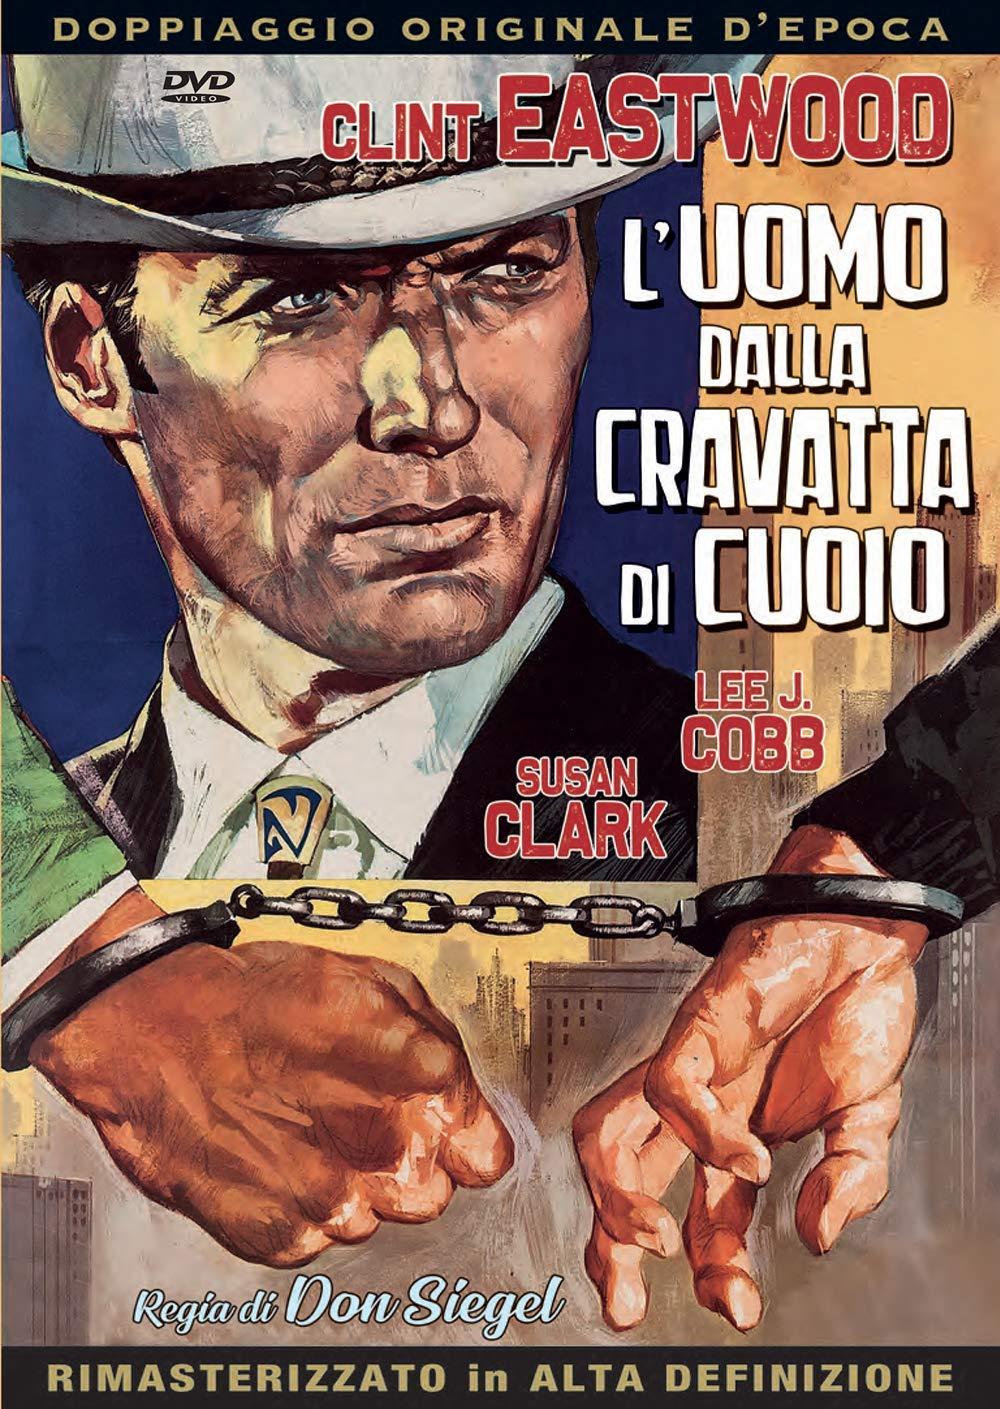 L'UOMO DALLA CRAVATTA DI CUOIO (DVD)